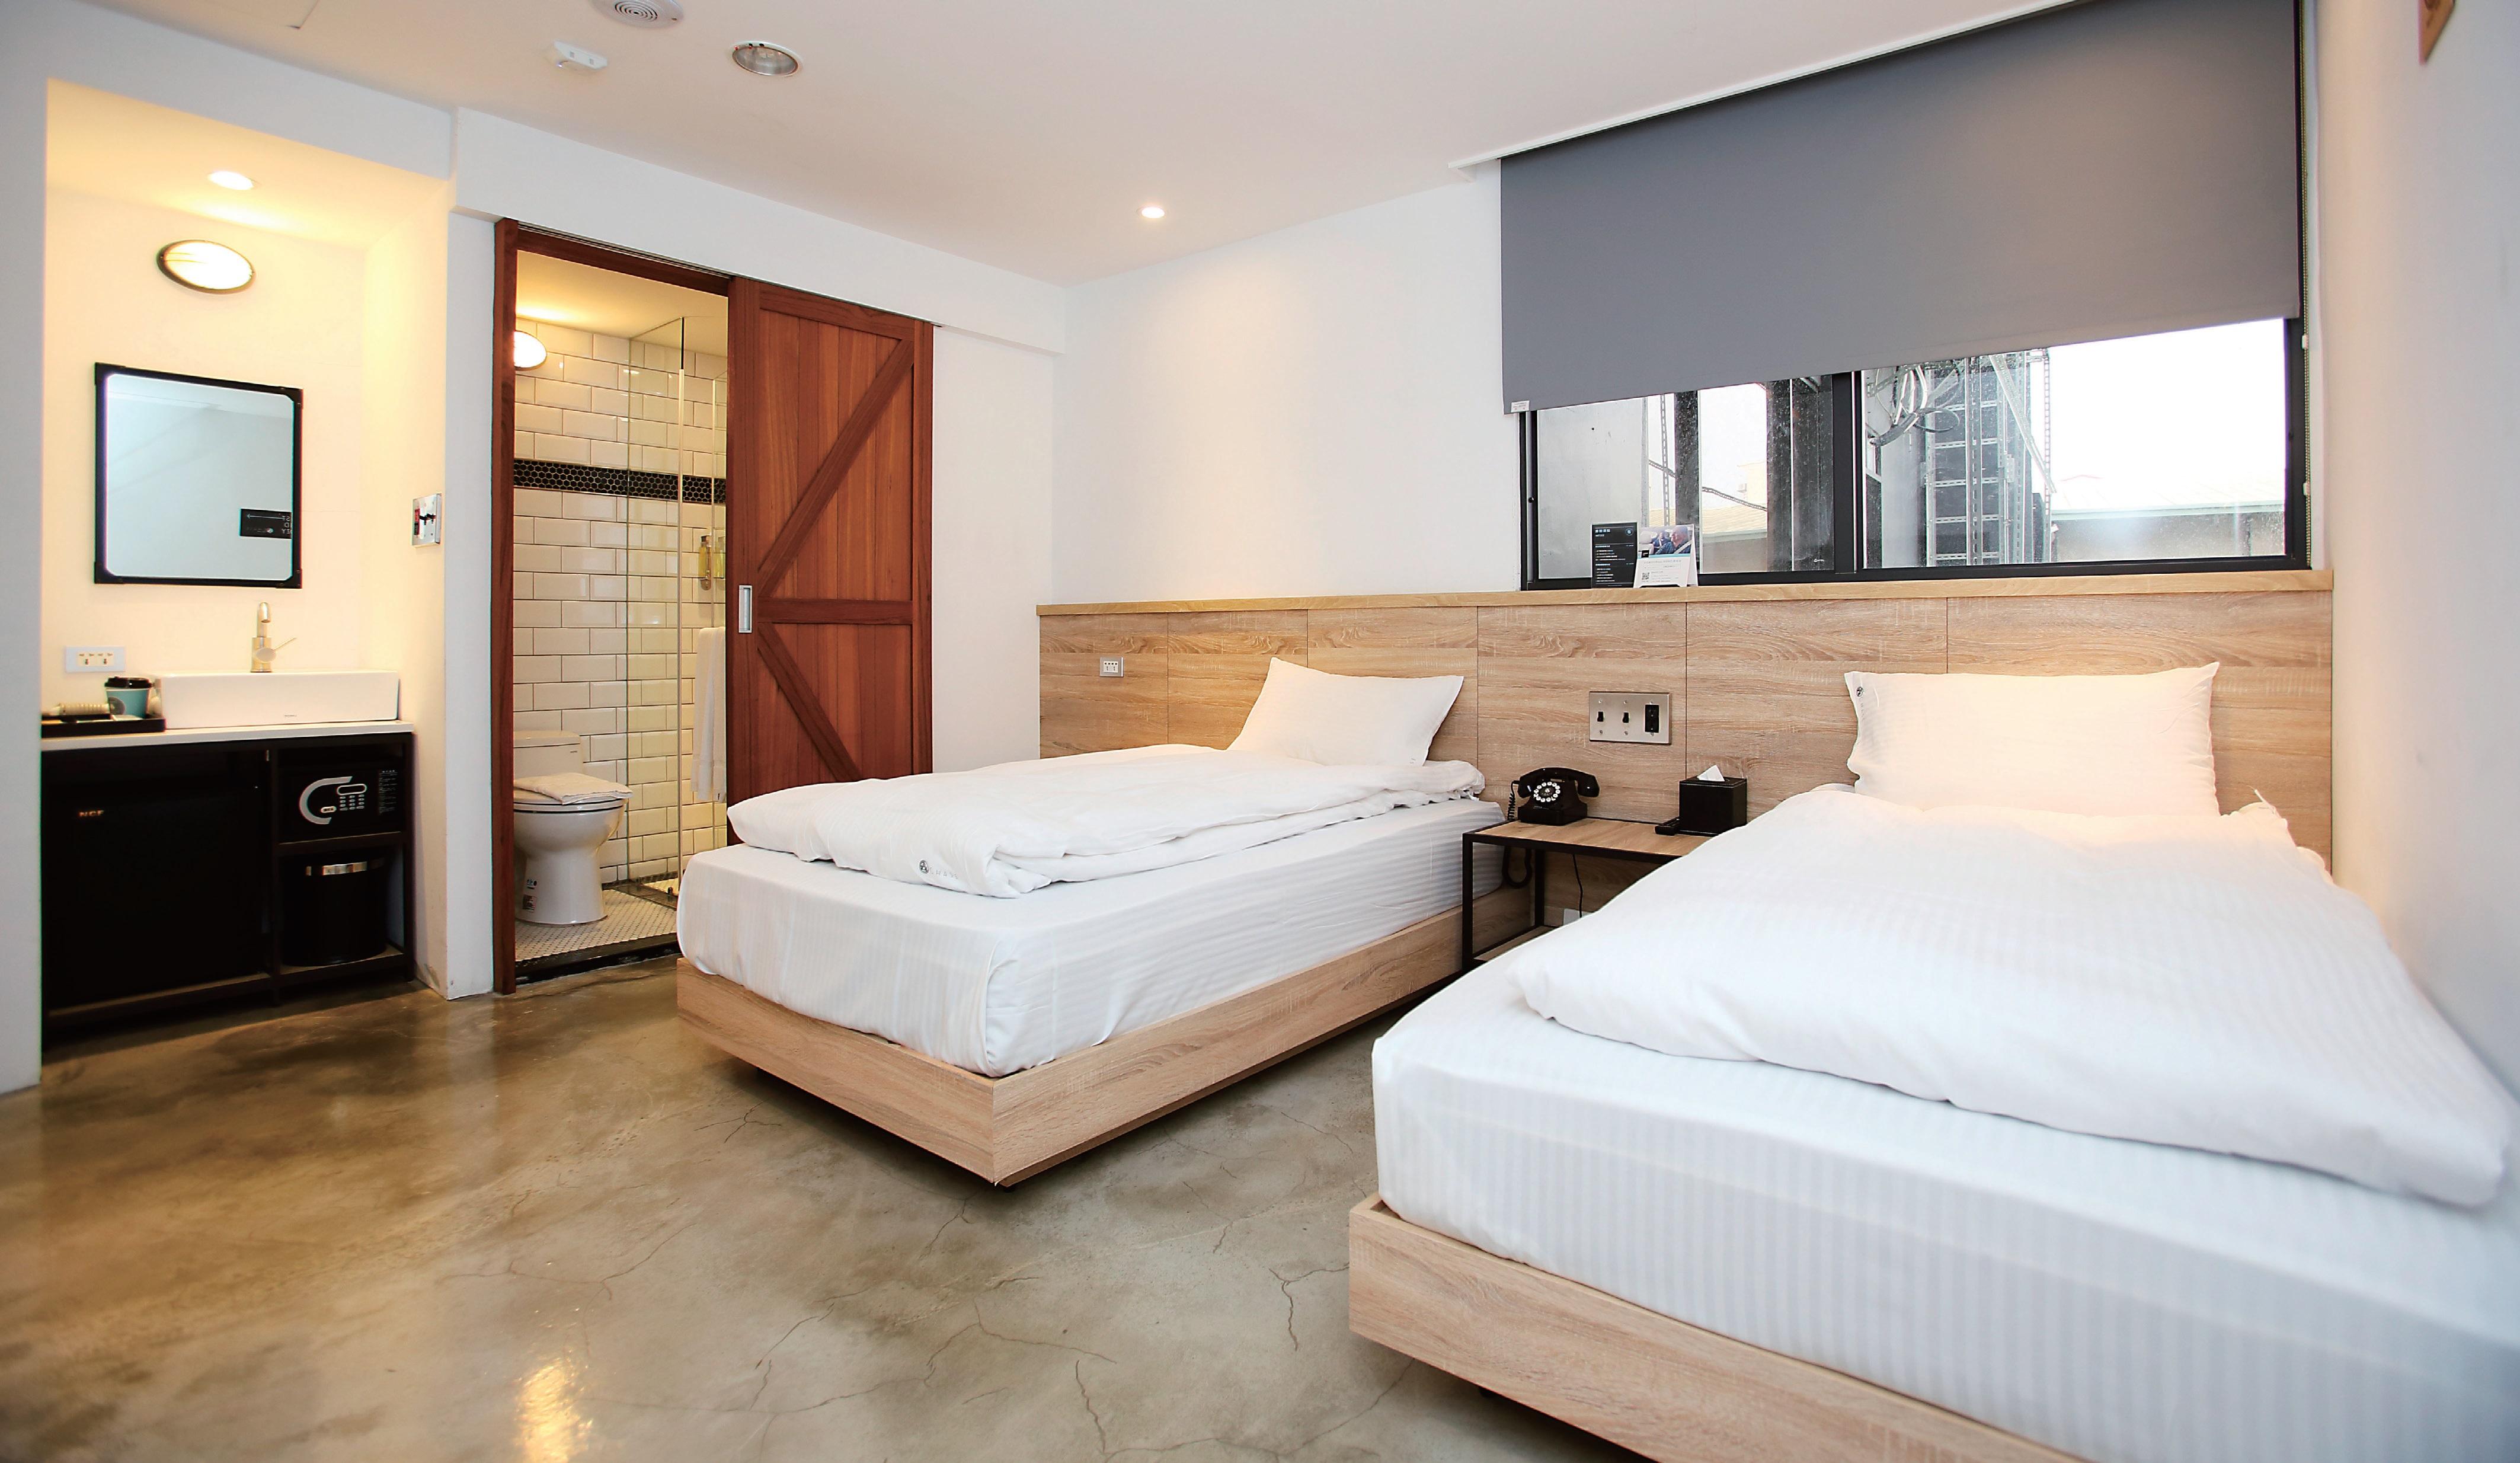 鵲絲旅店CHASE Walker Hotel(臺中市旅館352號)